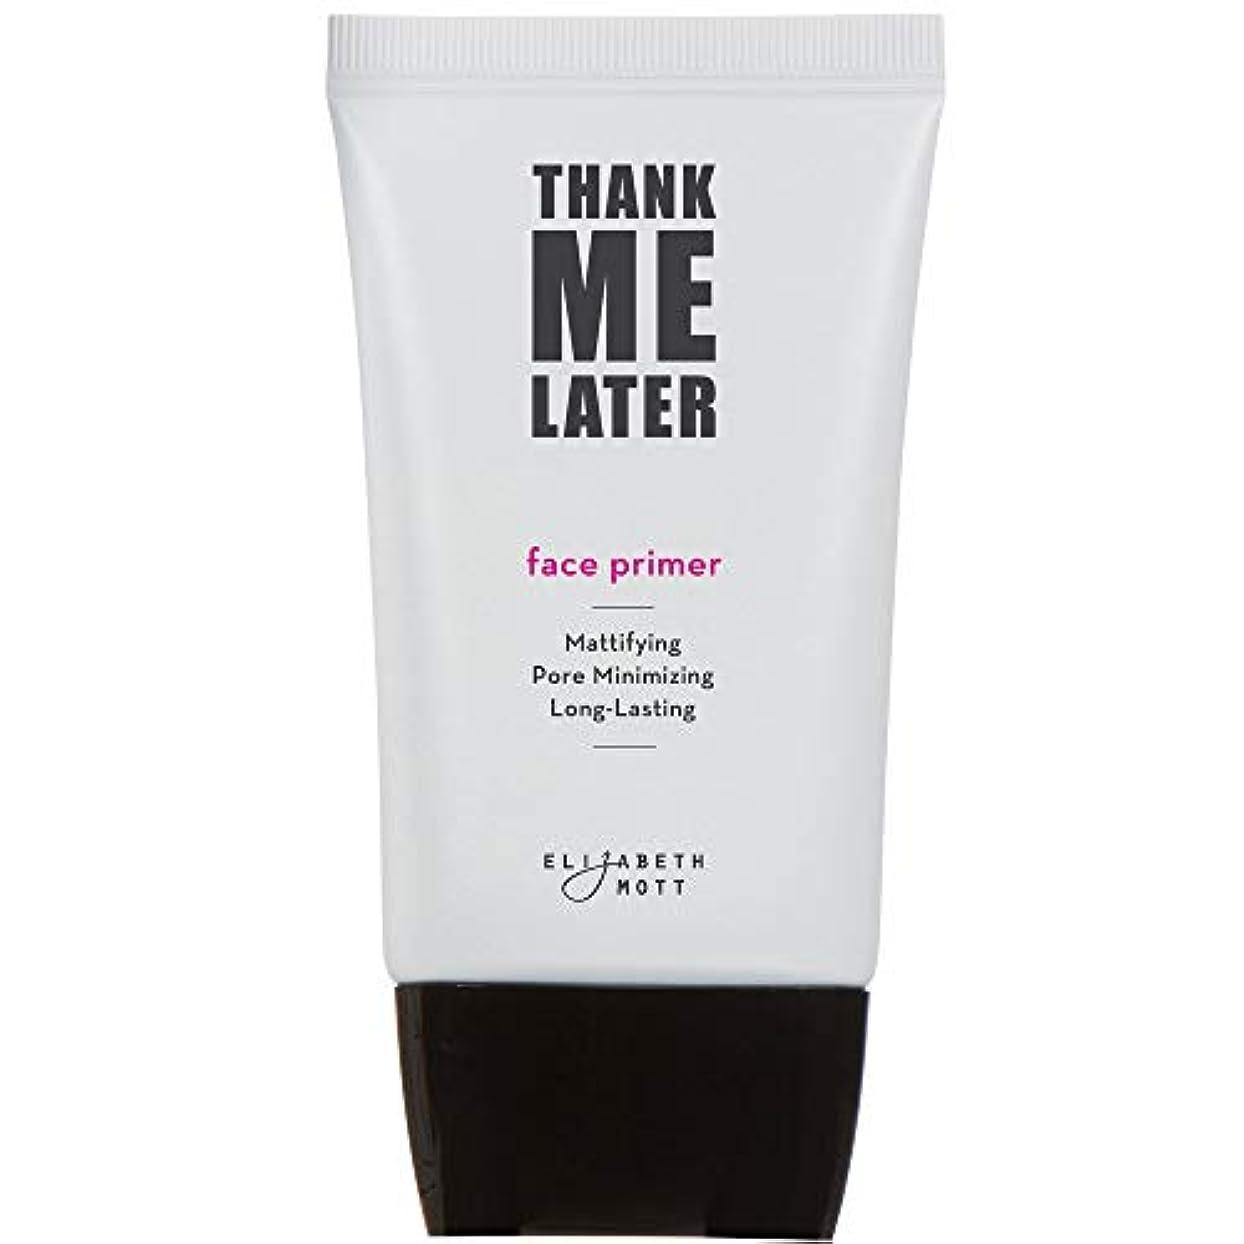 記念碑的なギャンブル機転Thank Me Later Primer. Paraben-free and Cruelty Free. … Face Primer (30G) フェイスプライマー(下地)